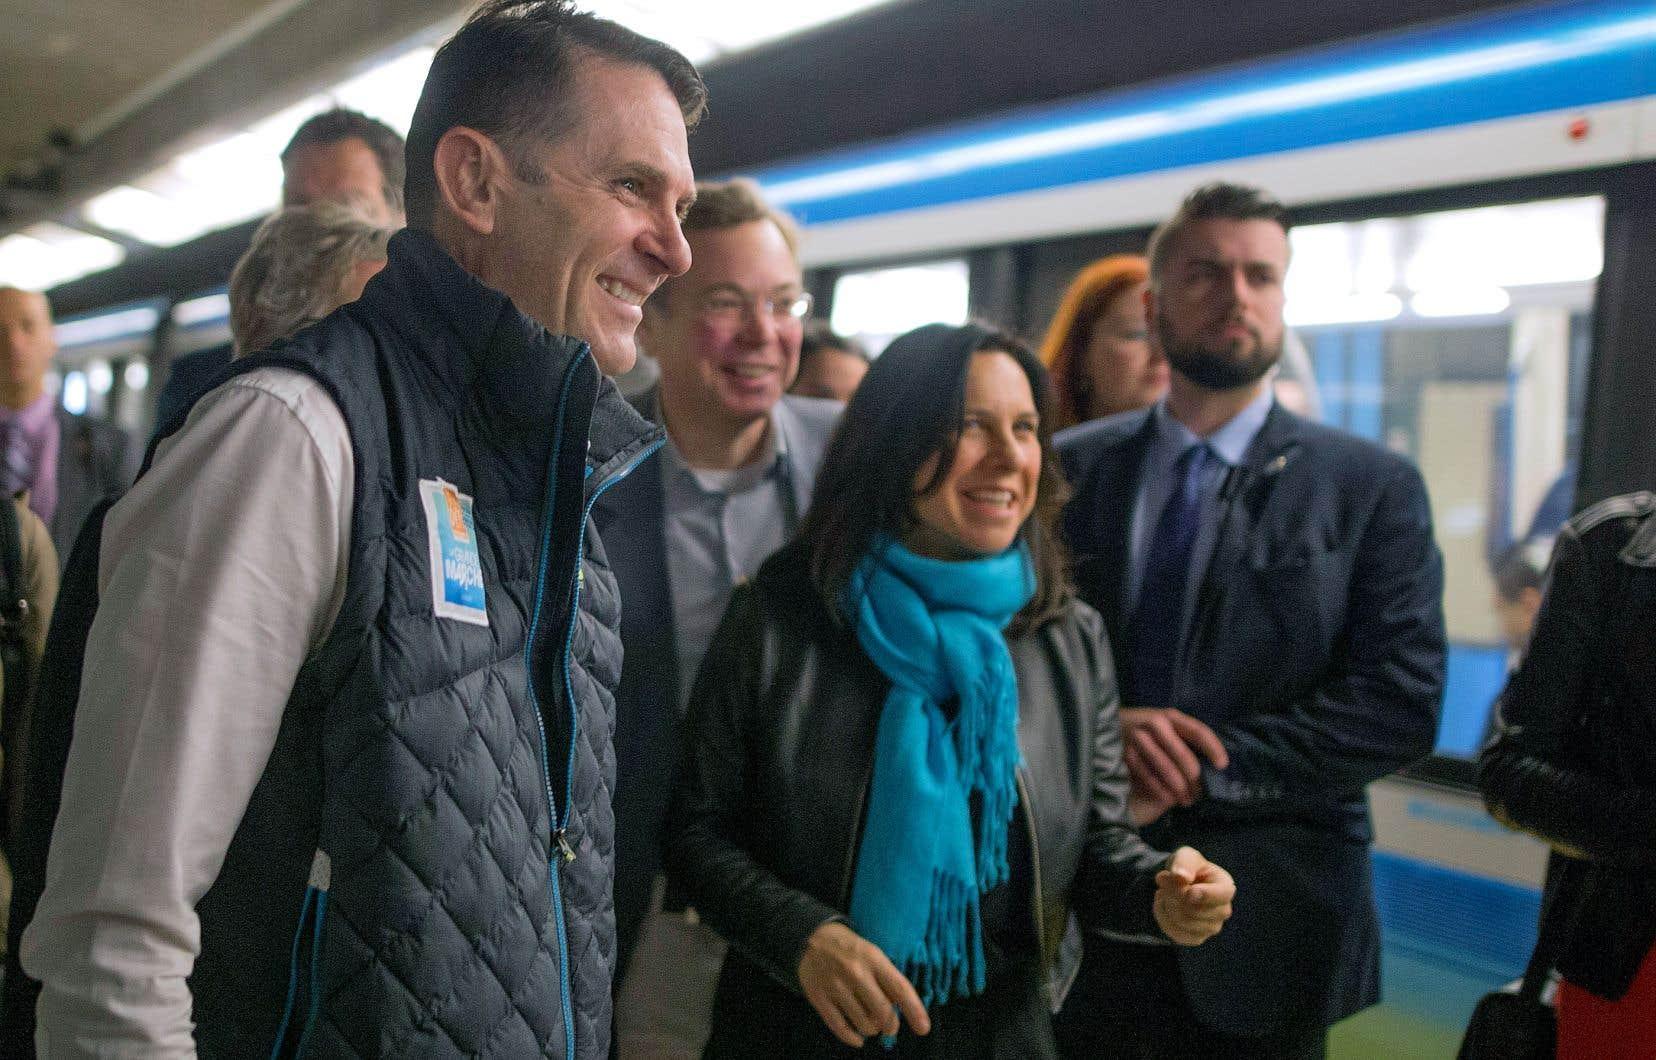 Le ministre québécois des Transports, François Bonnardel, a accompagné la mairesse de Montréal, Valérie Plante, dans le métro de Montréal, où il a partagé le quotidien des Montréalais qui empruntent la ligne orange à l'heure de pointe.